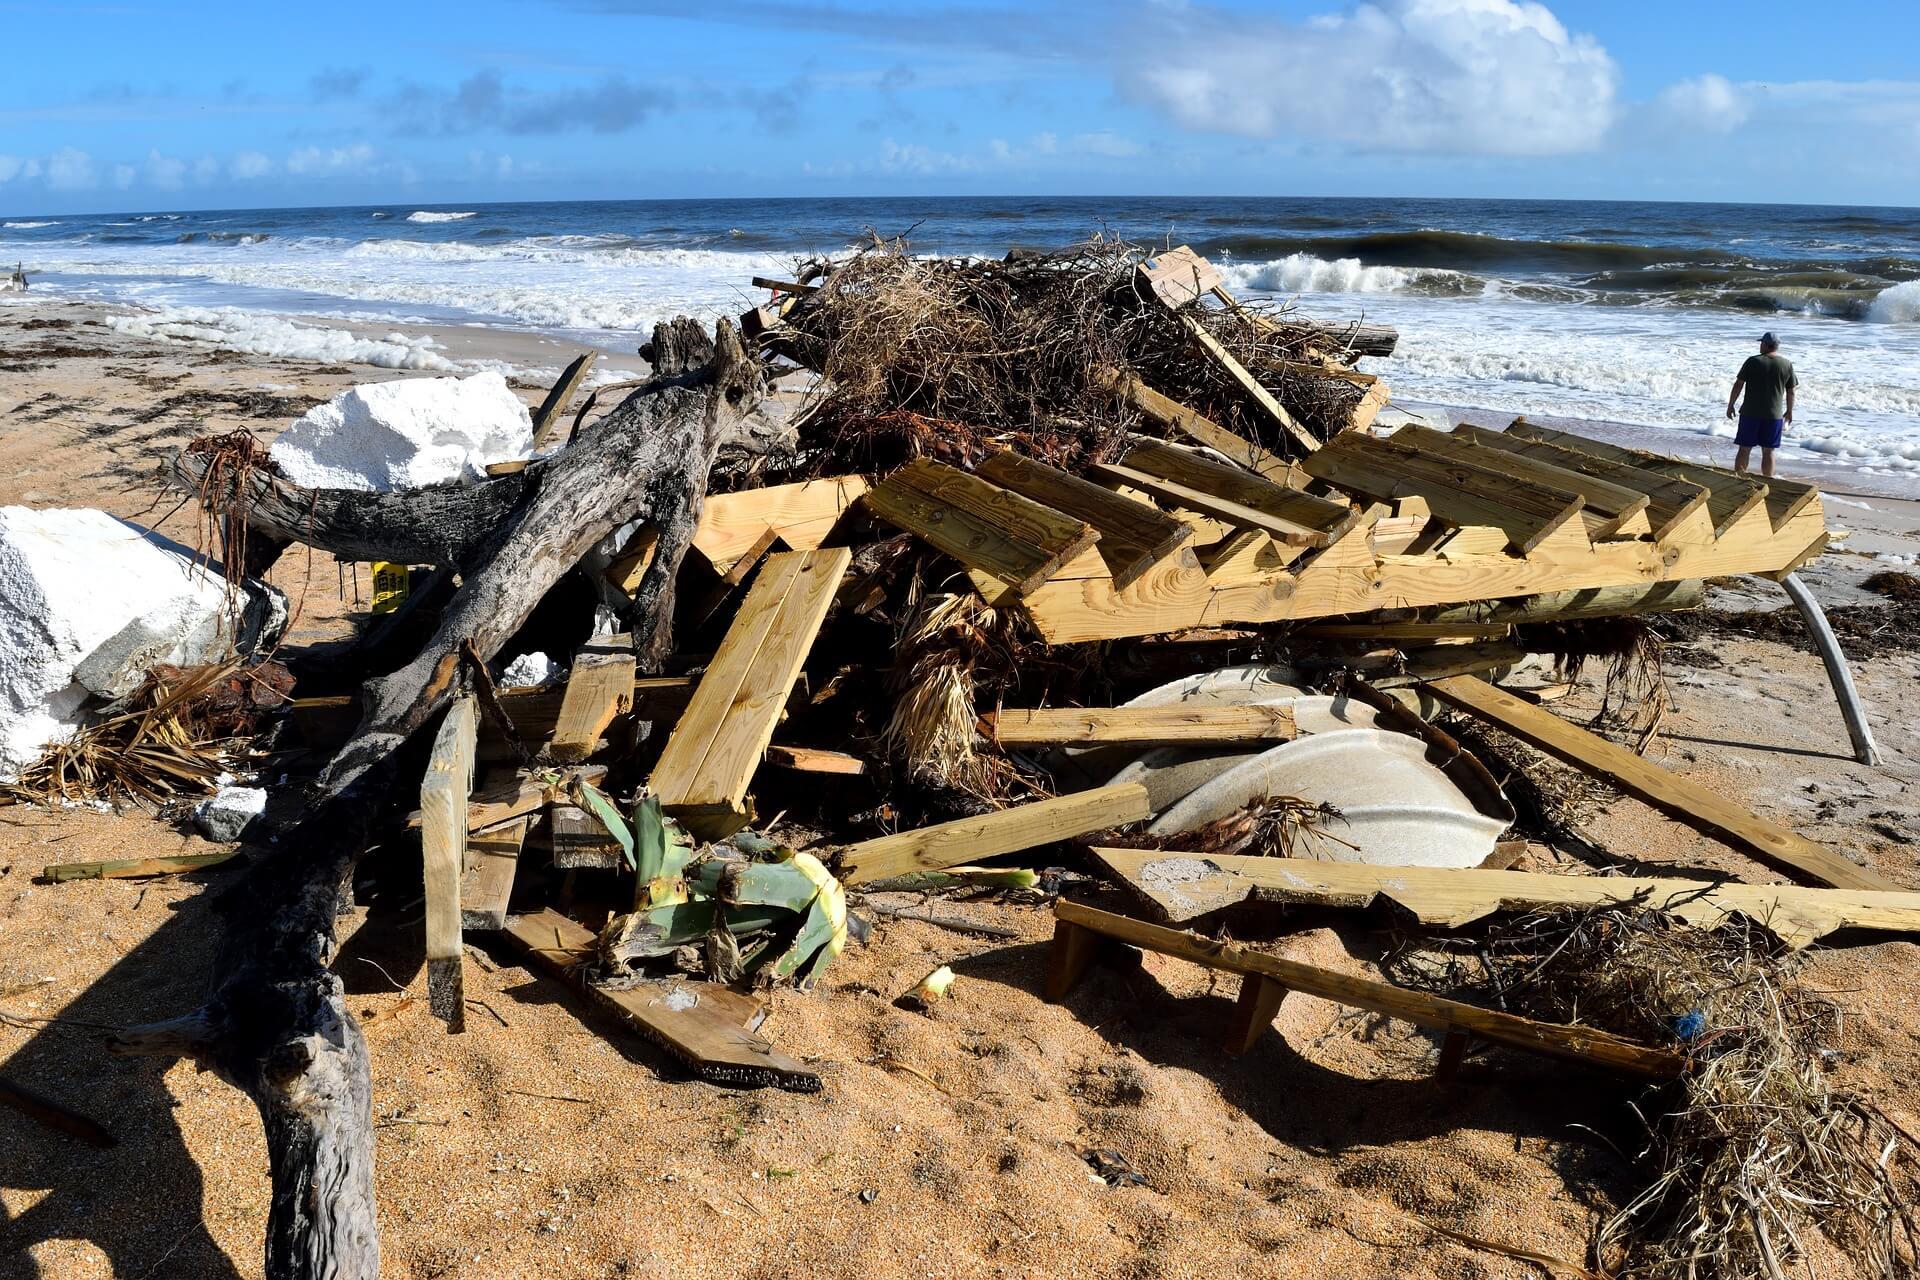 海岸邊堆積的海洋垃圾